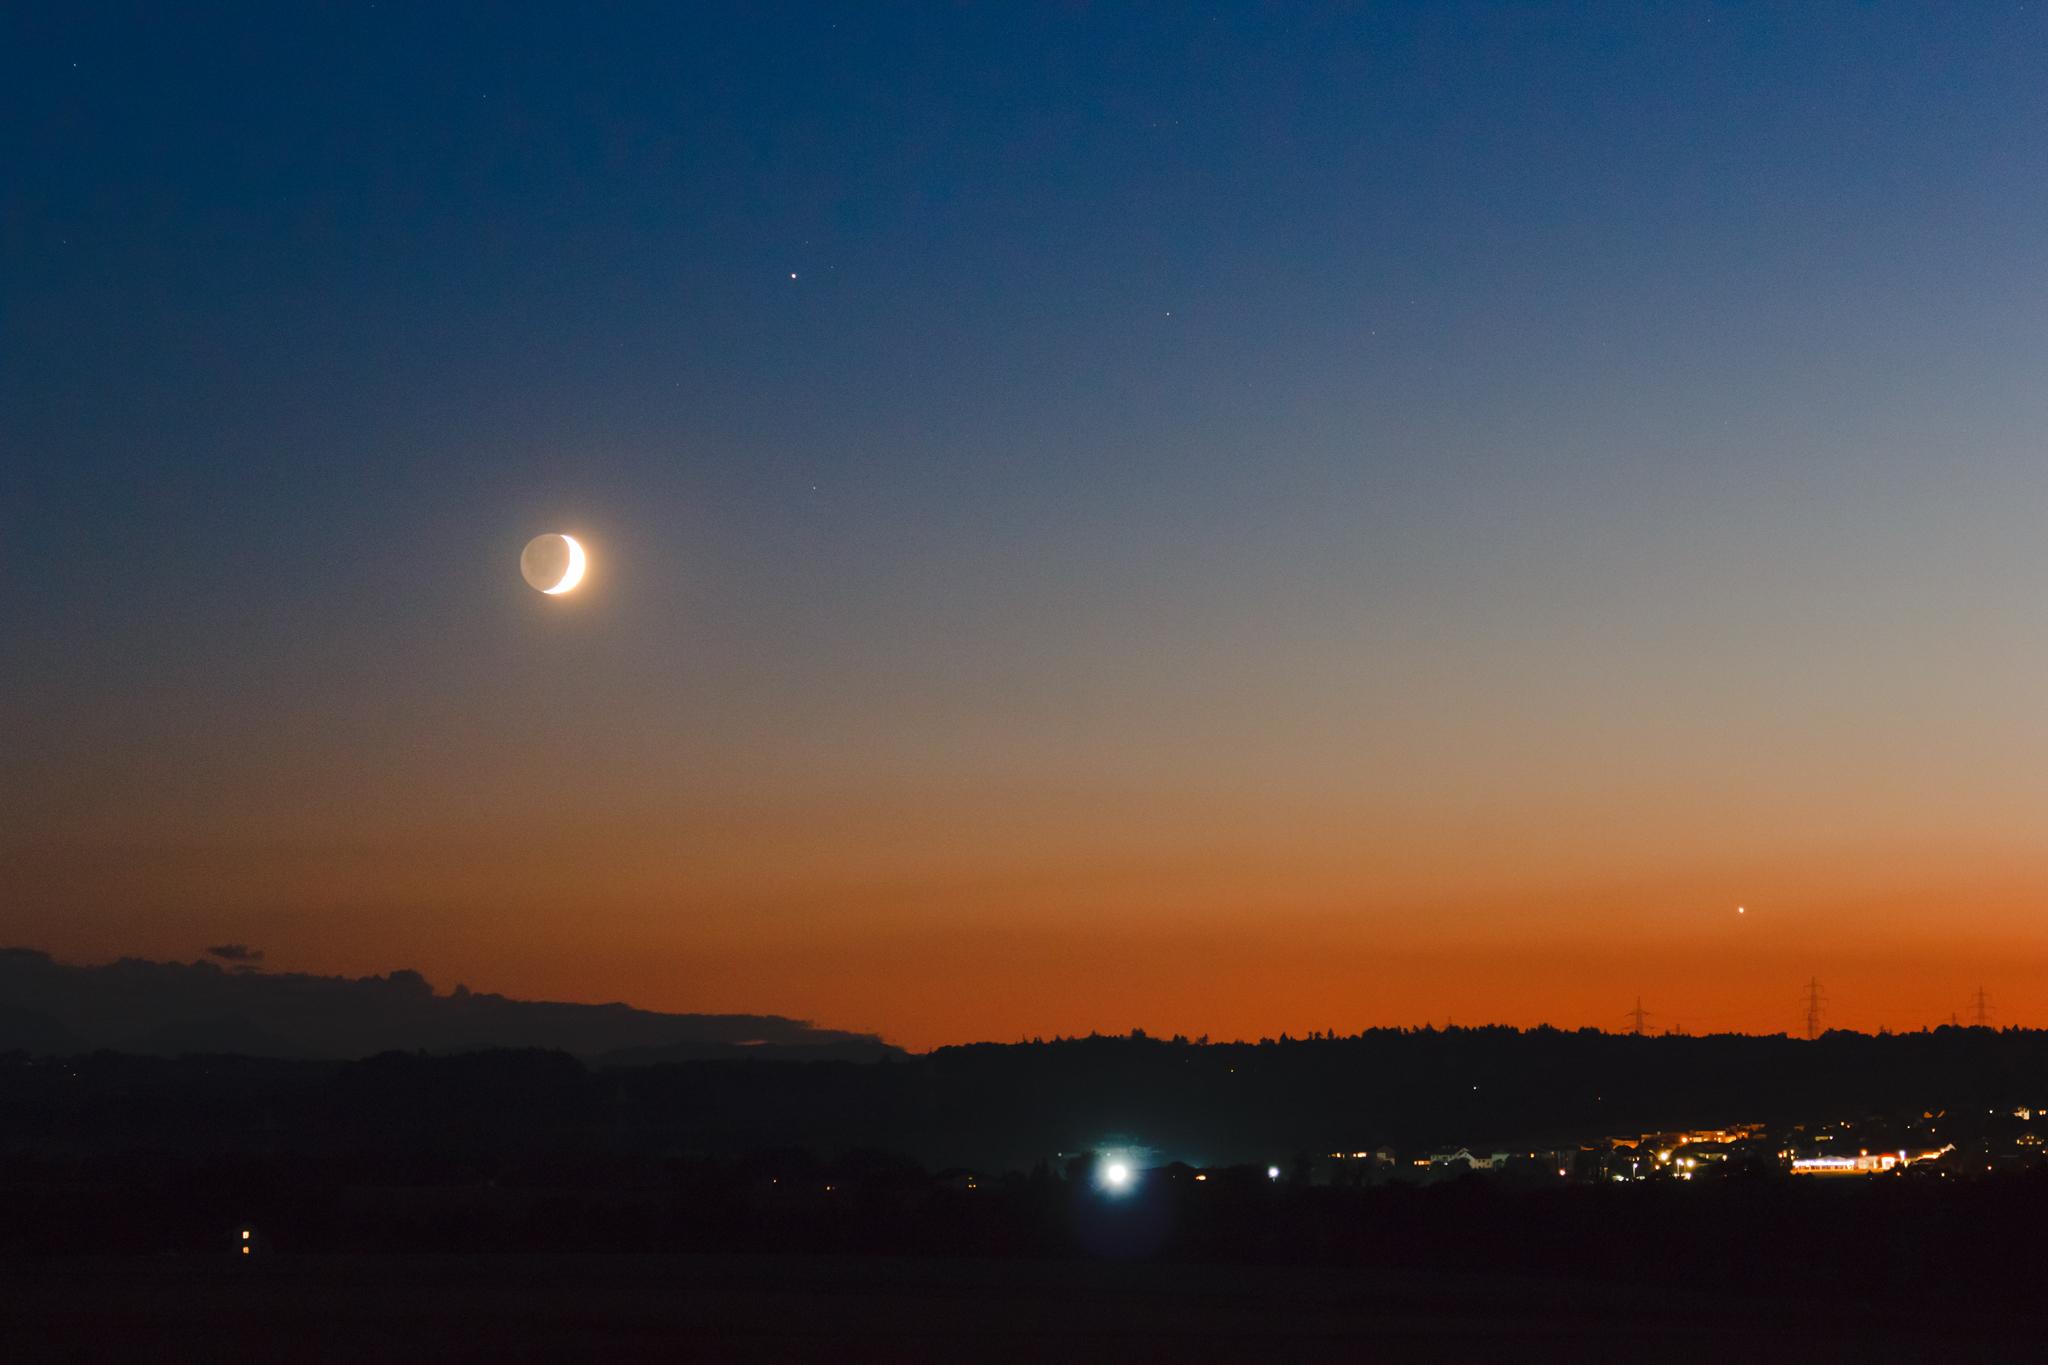 картинки луны или заката на небе пятитысячные